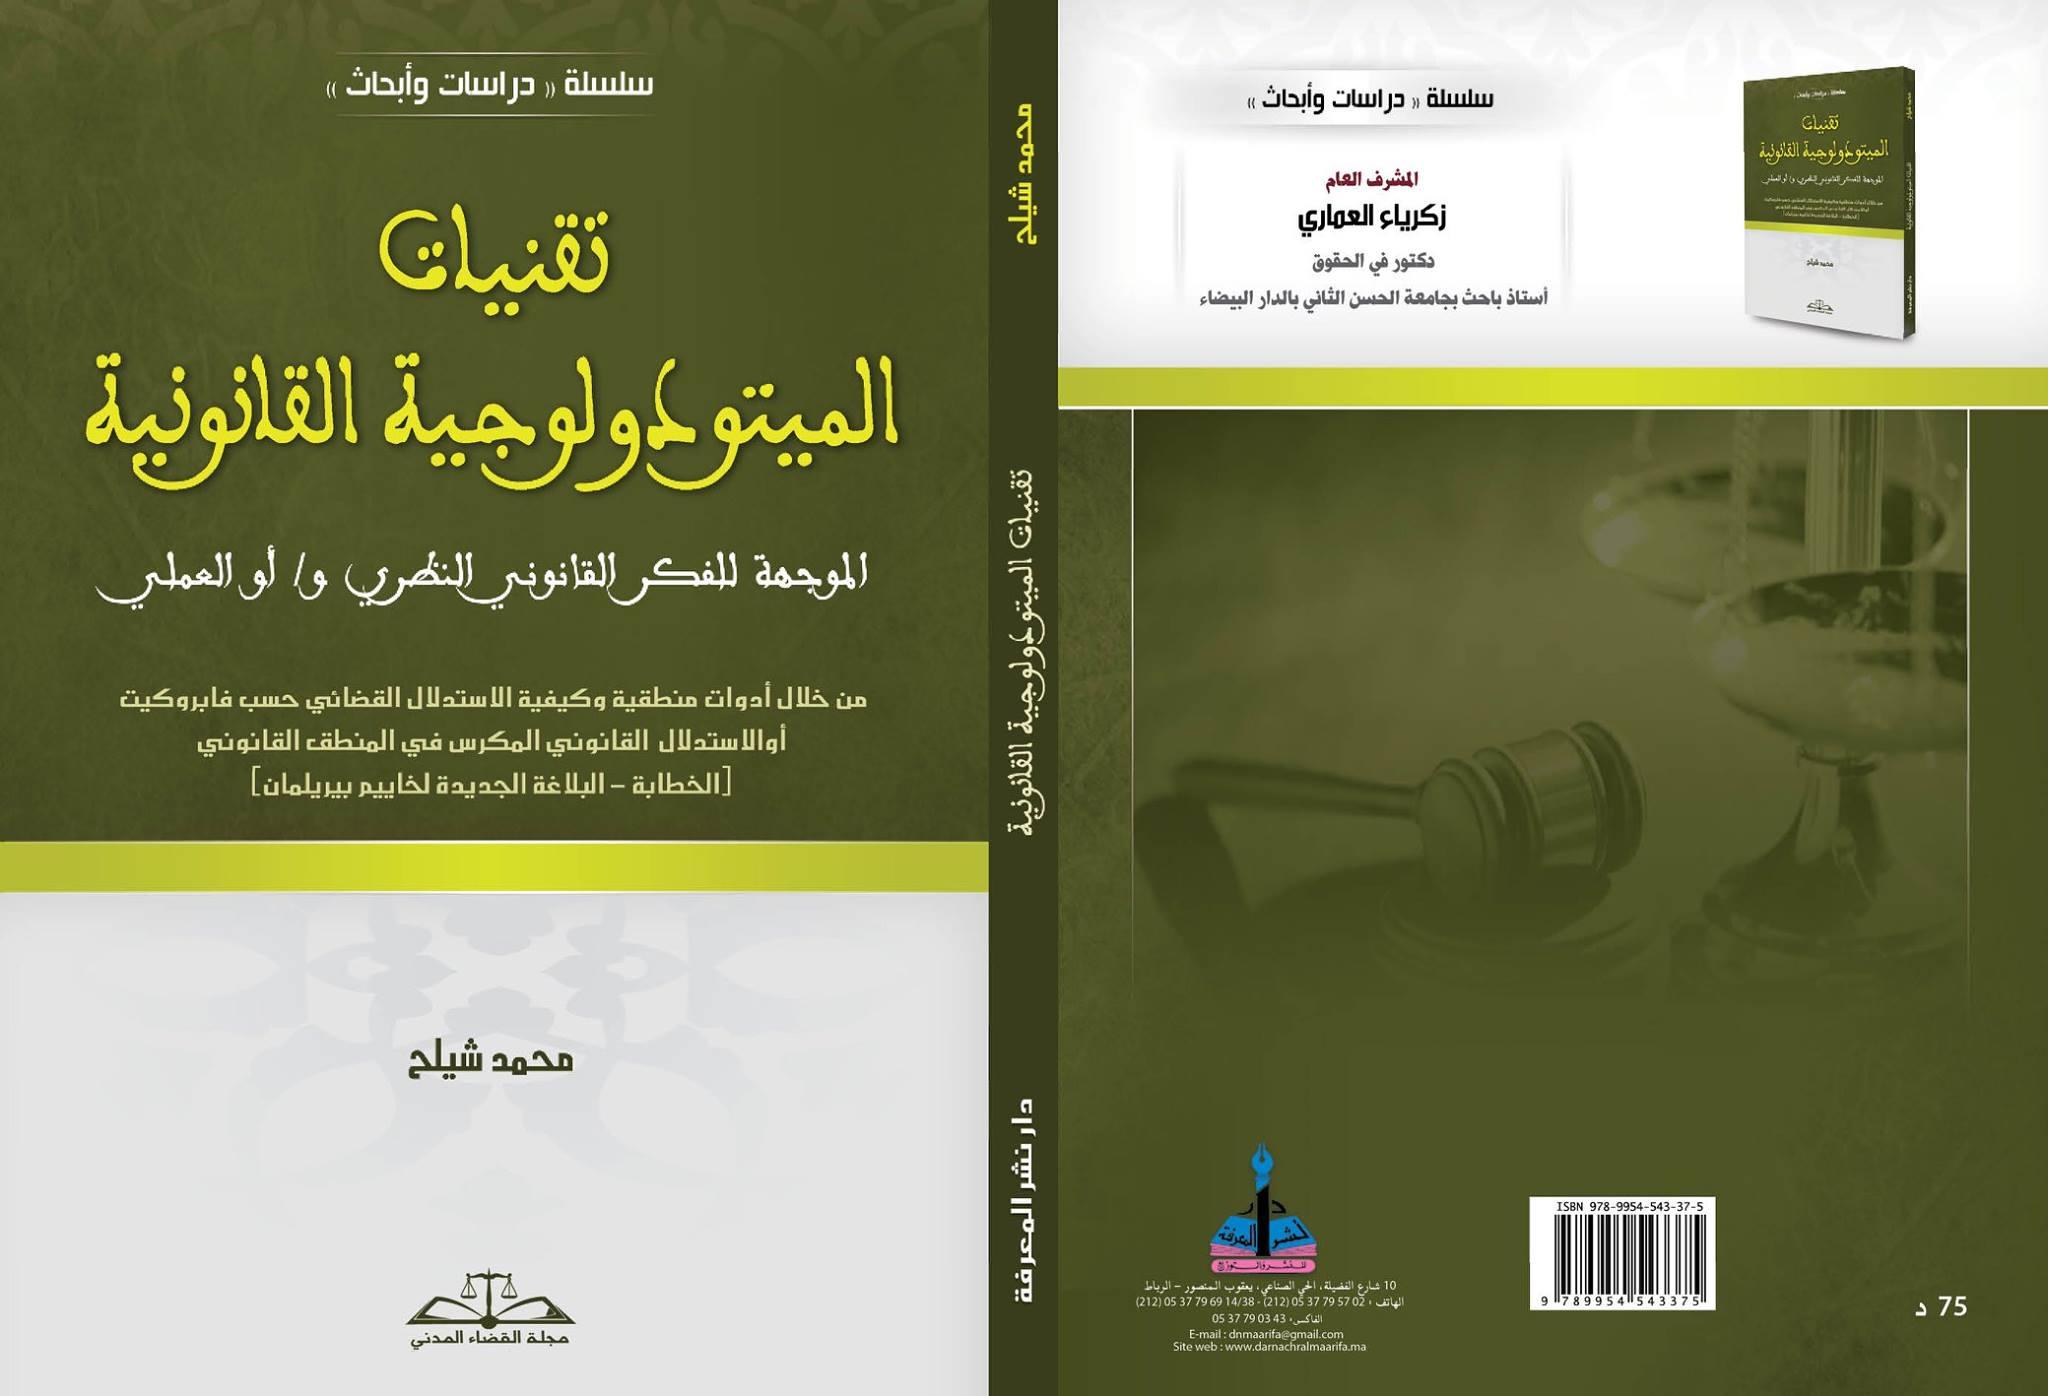 تقنيات الميتودولوجية القانونية الموجهة للفكر القانوني النظري و/ أو العملي- محمد شيلح